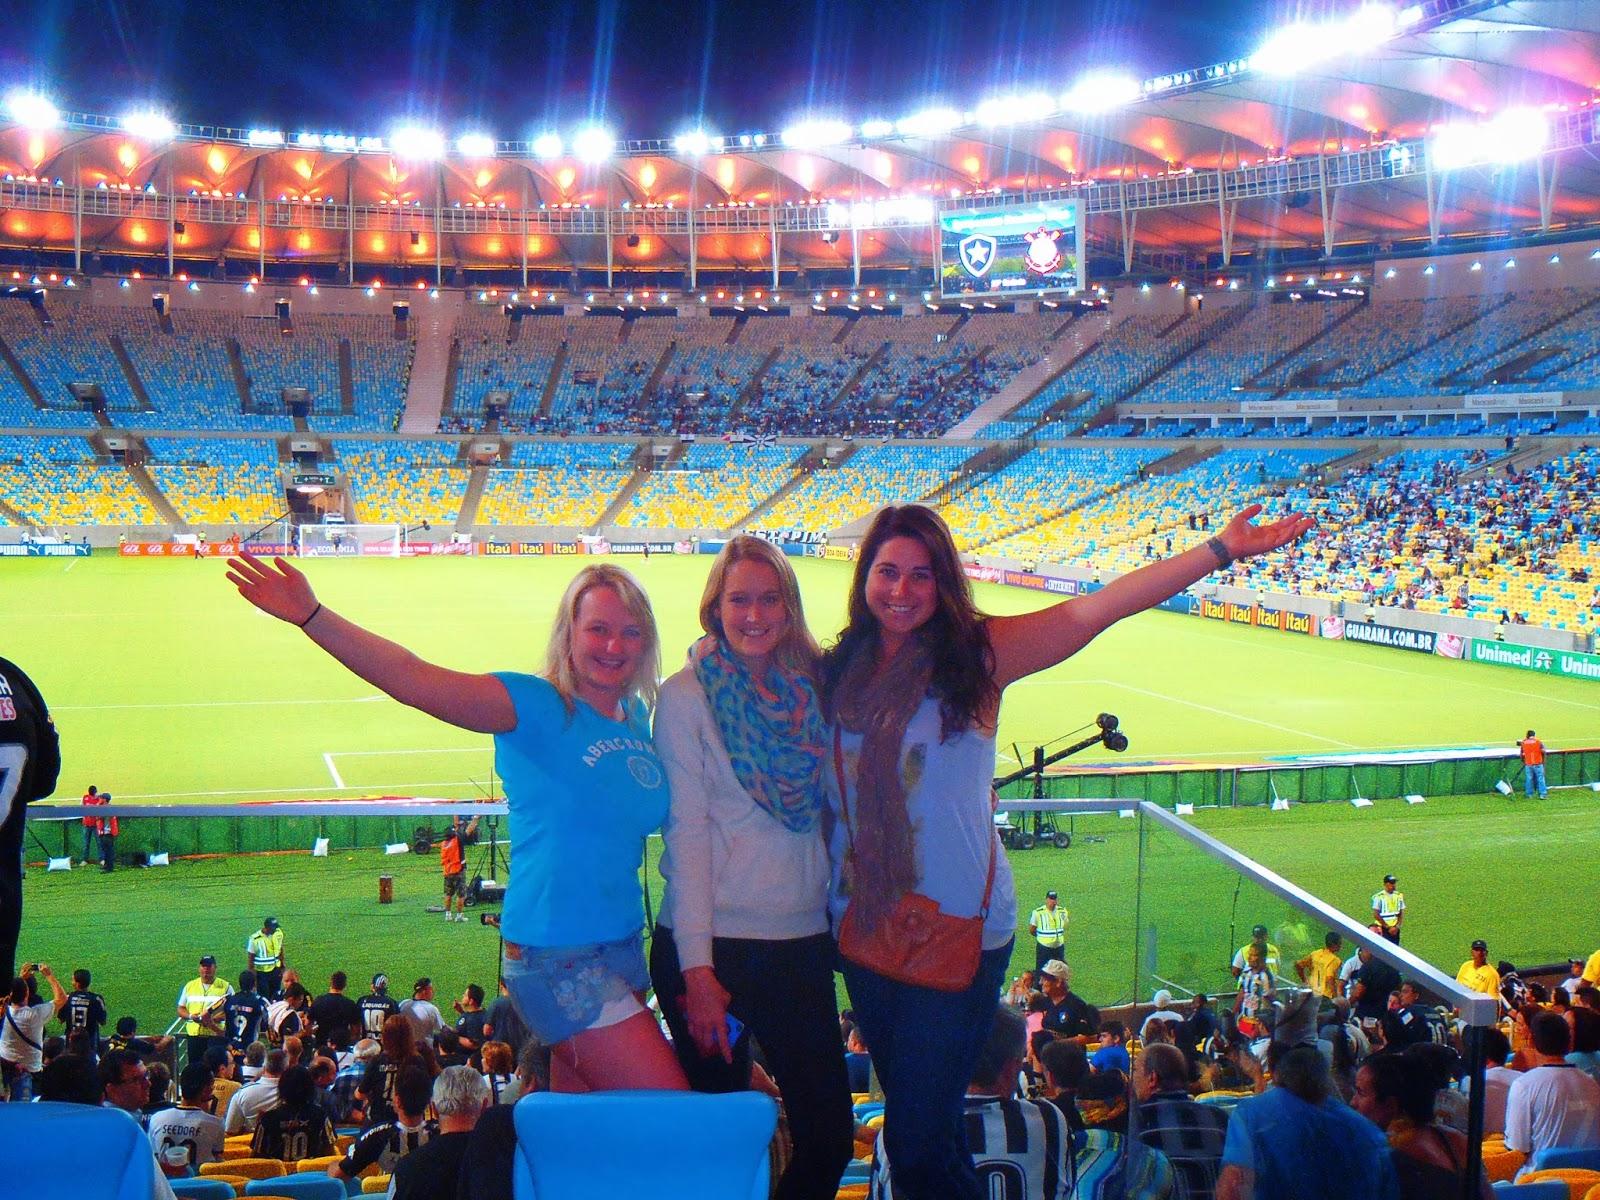 A Brazilian Football Game at Maracana Stadium in Rio de Janeiro